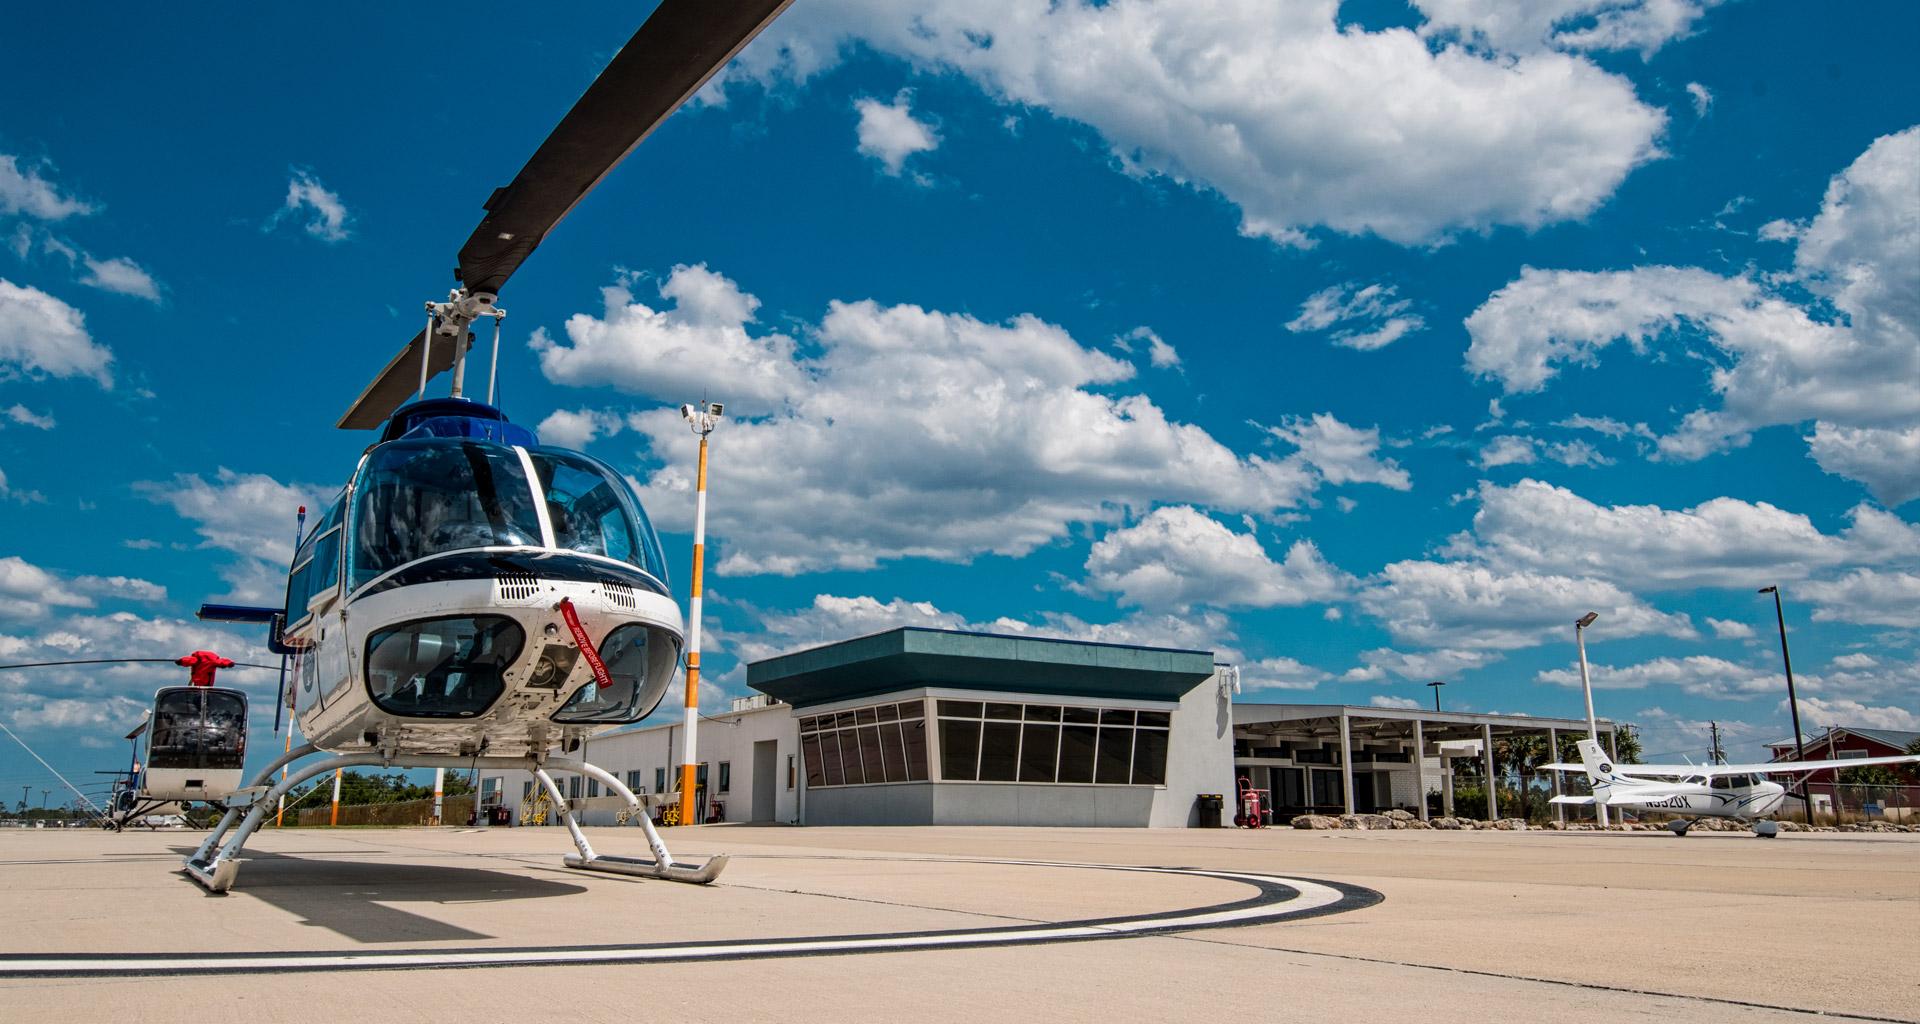 campo-de-entrenamiento-academia-piloto-helicpteros-usa